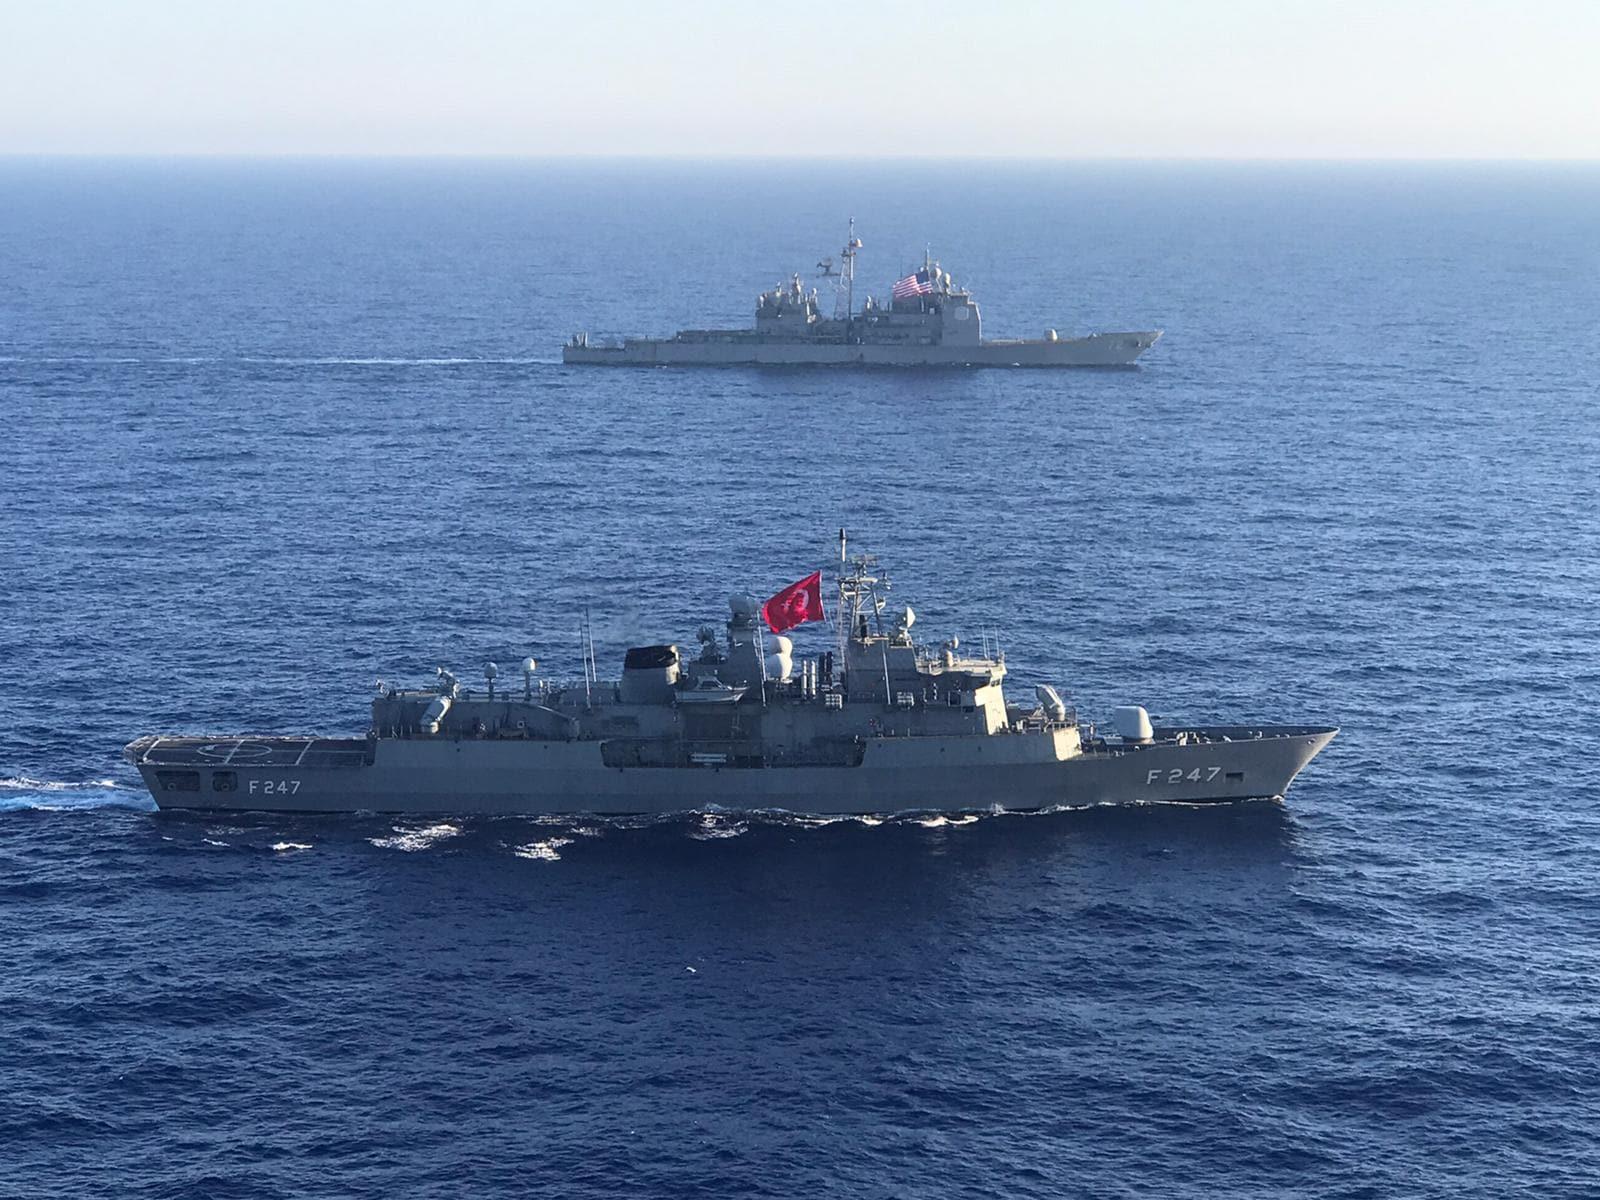 MSB duyurdu! Türkiye ve ABD, Akdeniz'de deniz eğitimi icra etti